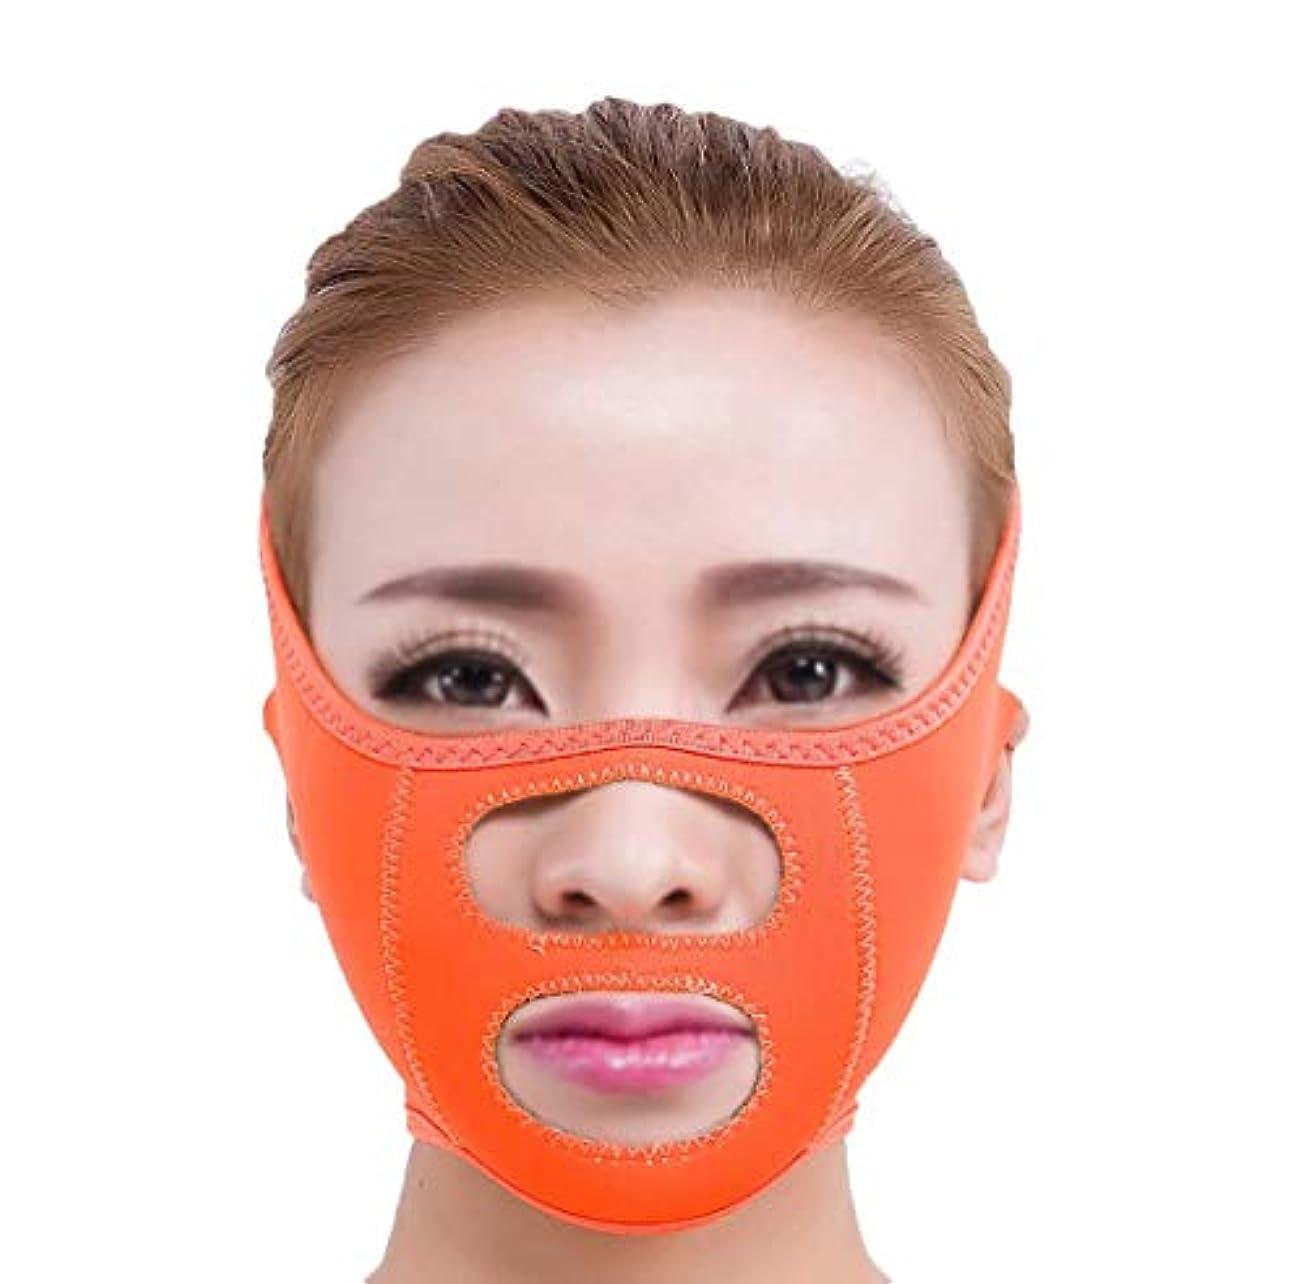 バーチャル薬を飲むクランプスモールフェイスツールVフェイス包帯フェイシャルリフティングフェイシャルマッサージャー美容通気性マスクVフェイスマスク睡眠薄い顔でオレンジ